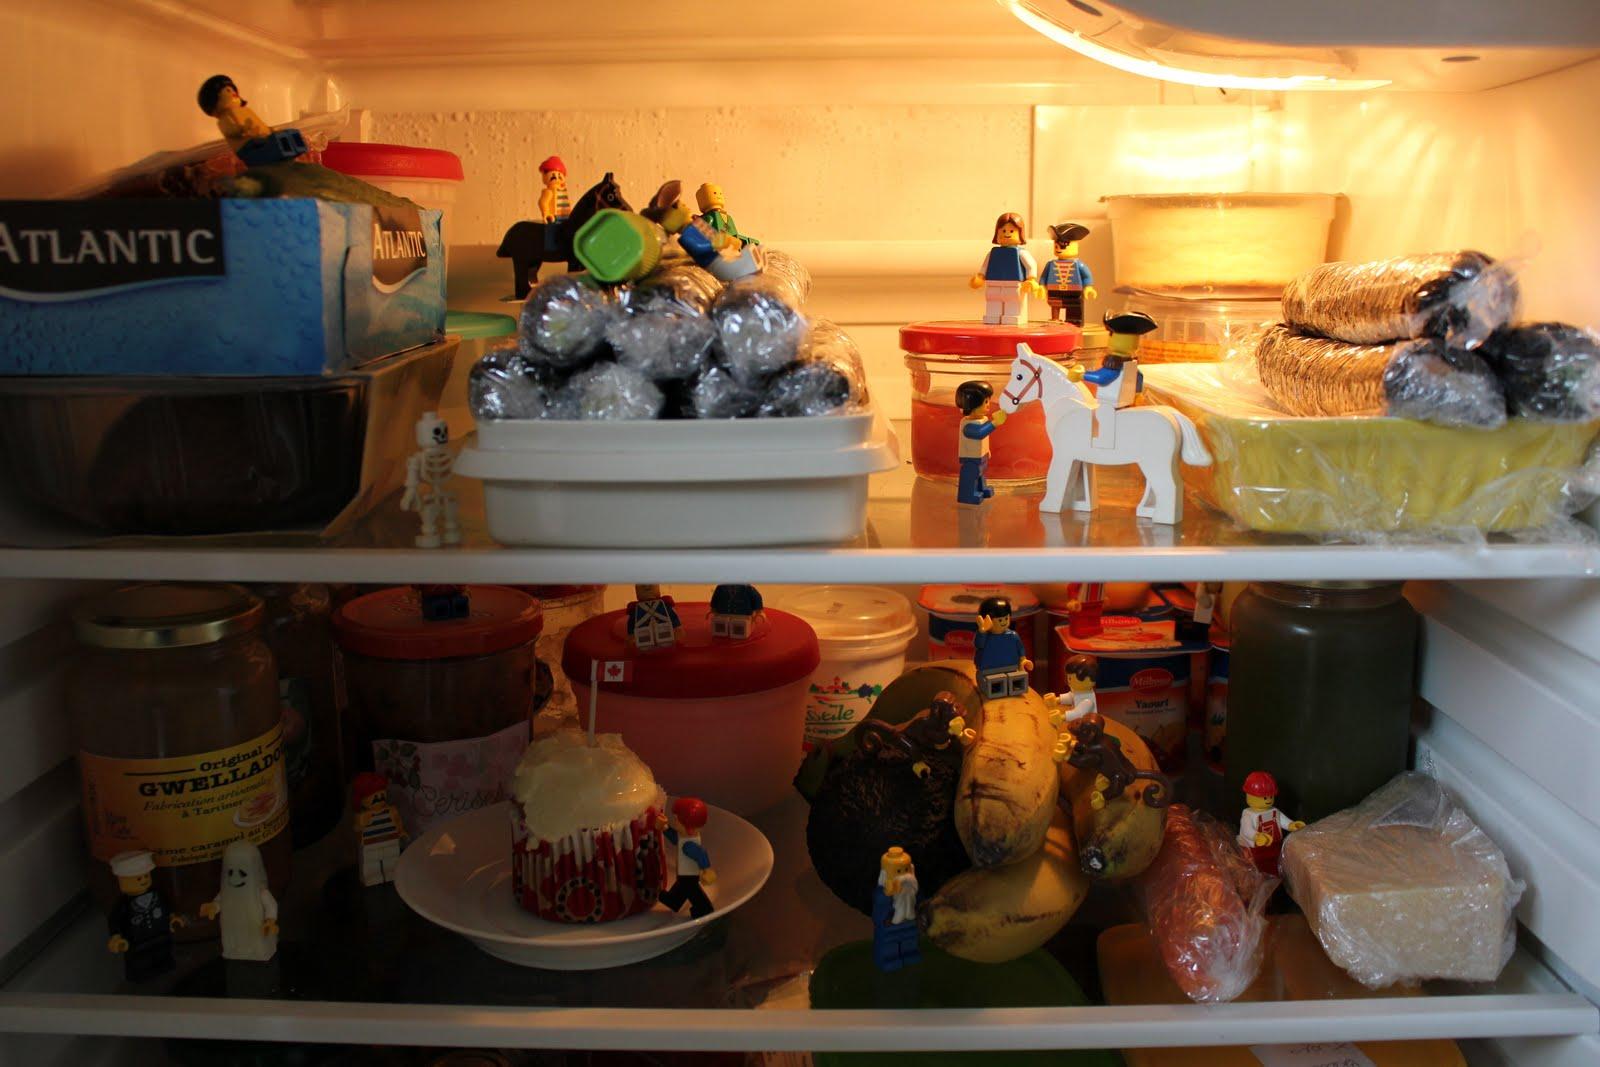 Memere au canada dans mon frigo for 750g dans mon frigo